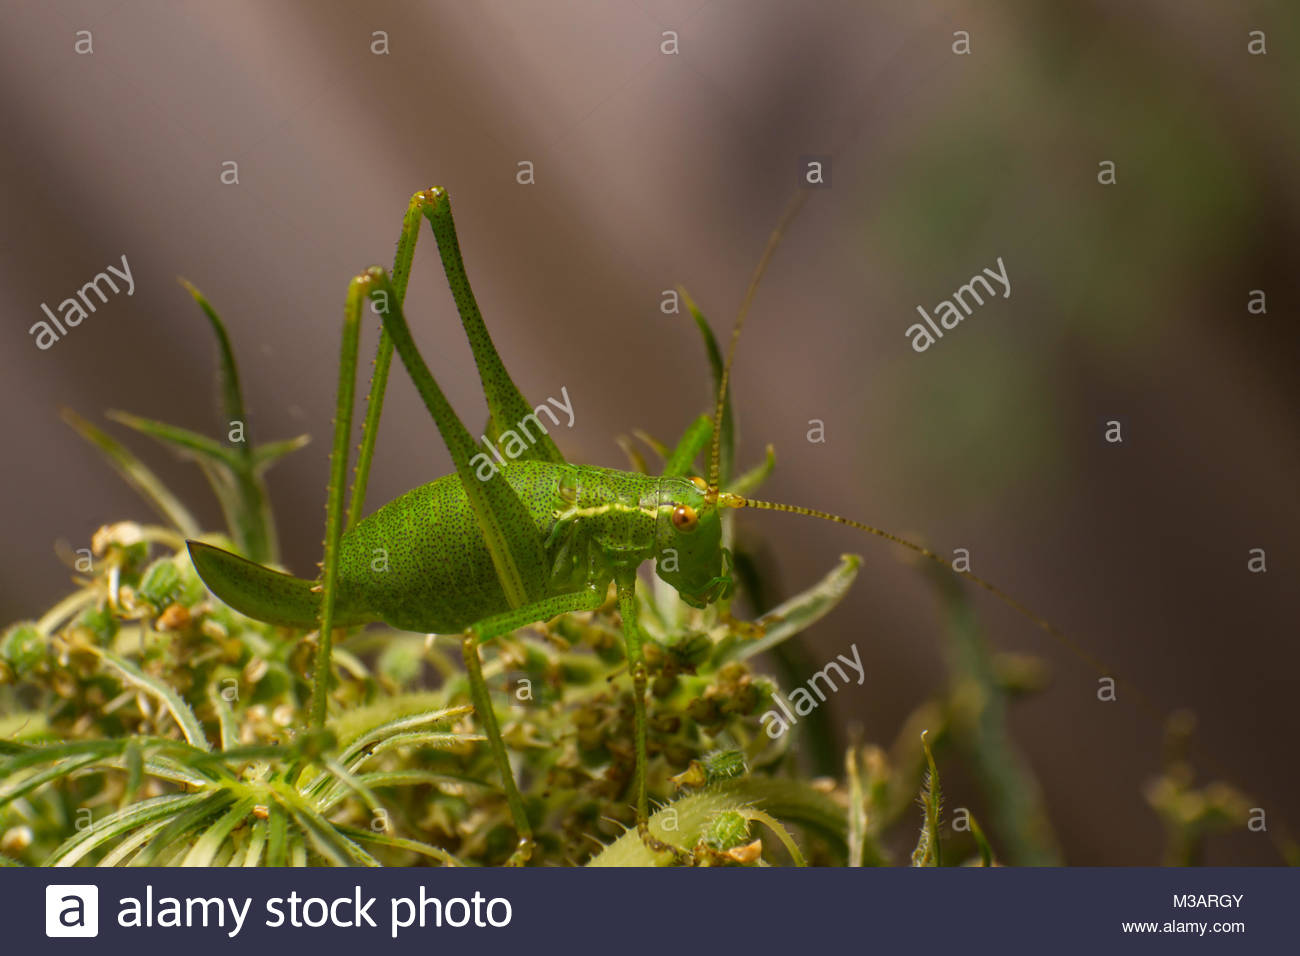 little green model - Stock Image